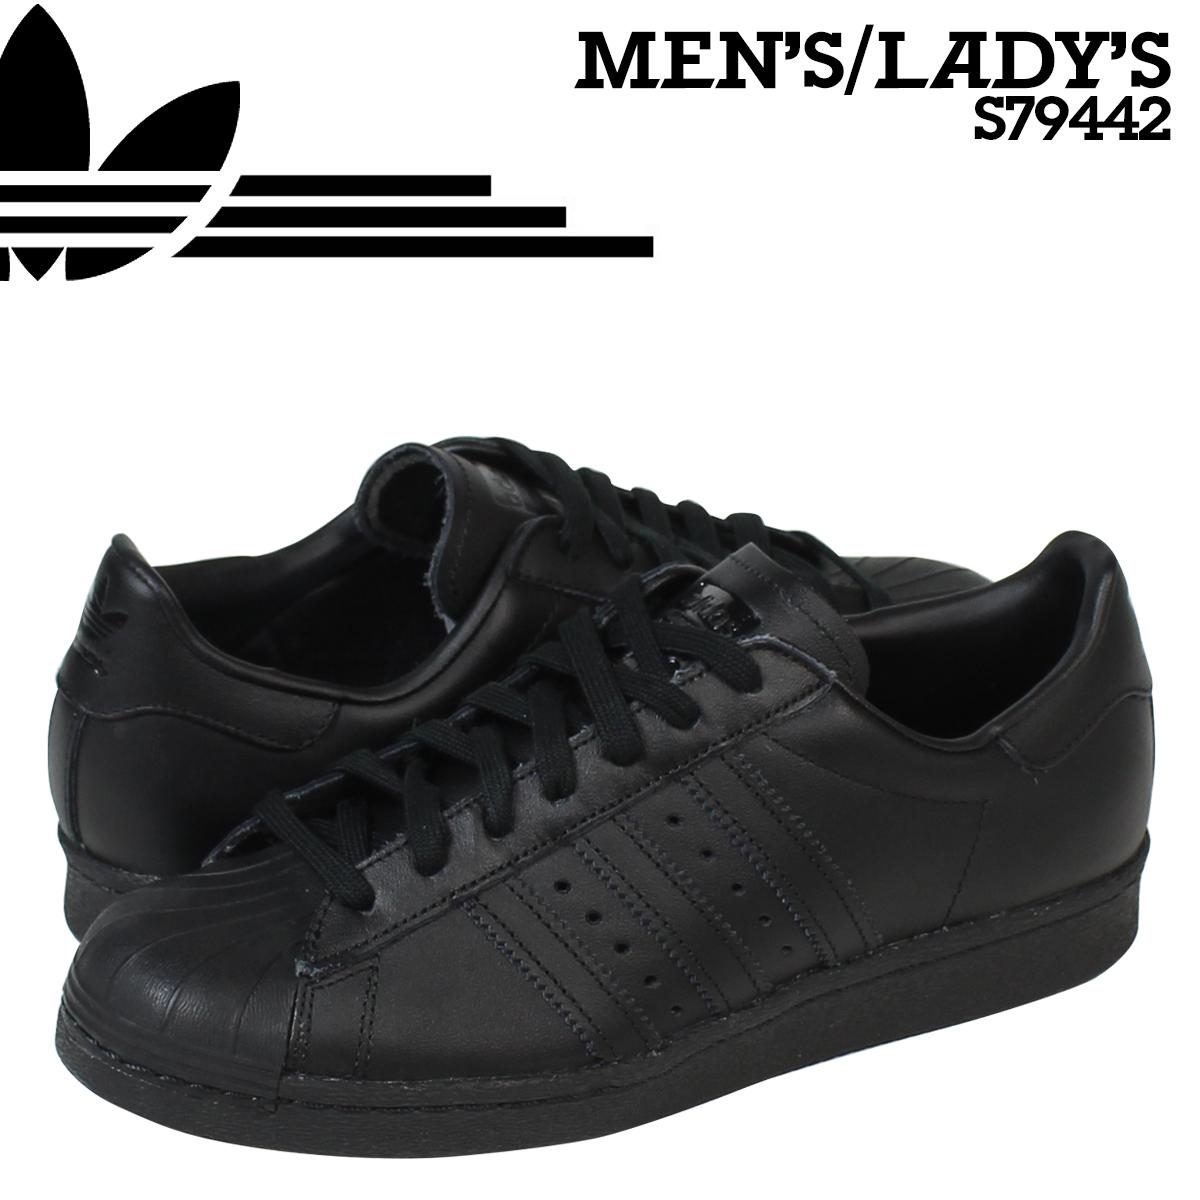 984a1ab7aa adidas Originals Adidas originals superstar triple toe eggplant knee car  SUPERSTAR 80s TRIPLE TONA S79442 men gap Dis shoes black black